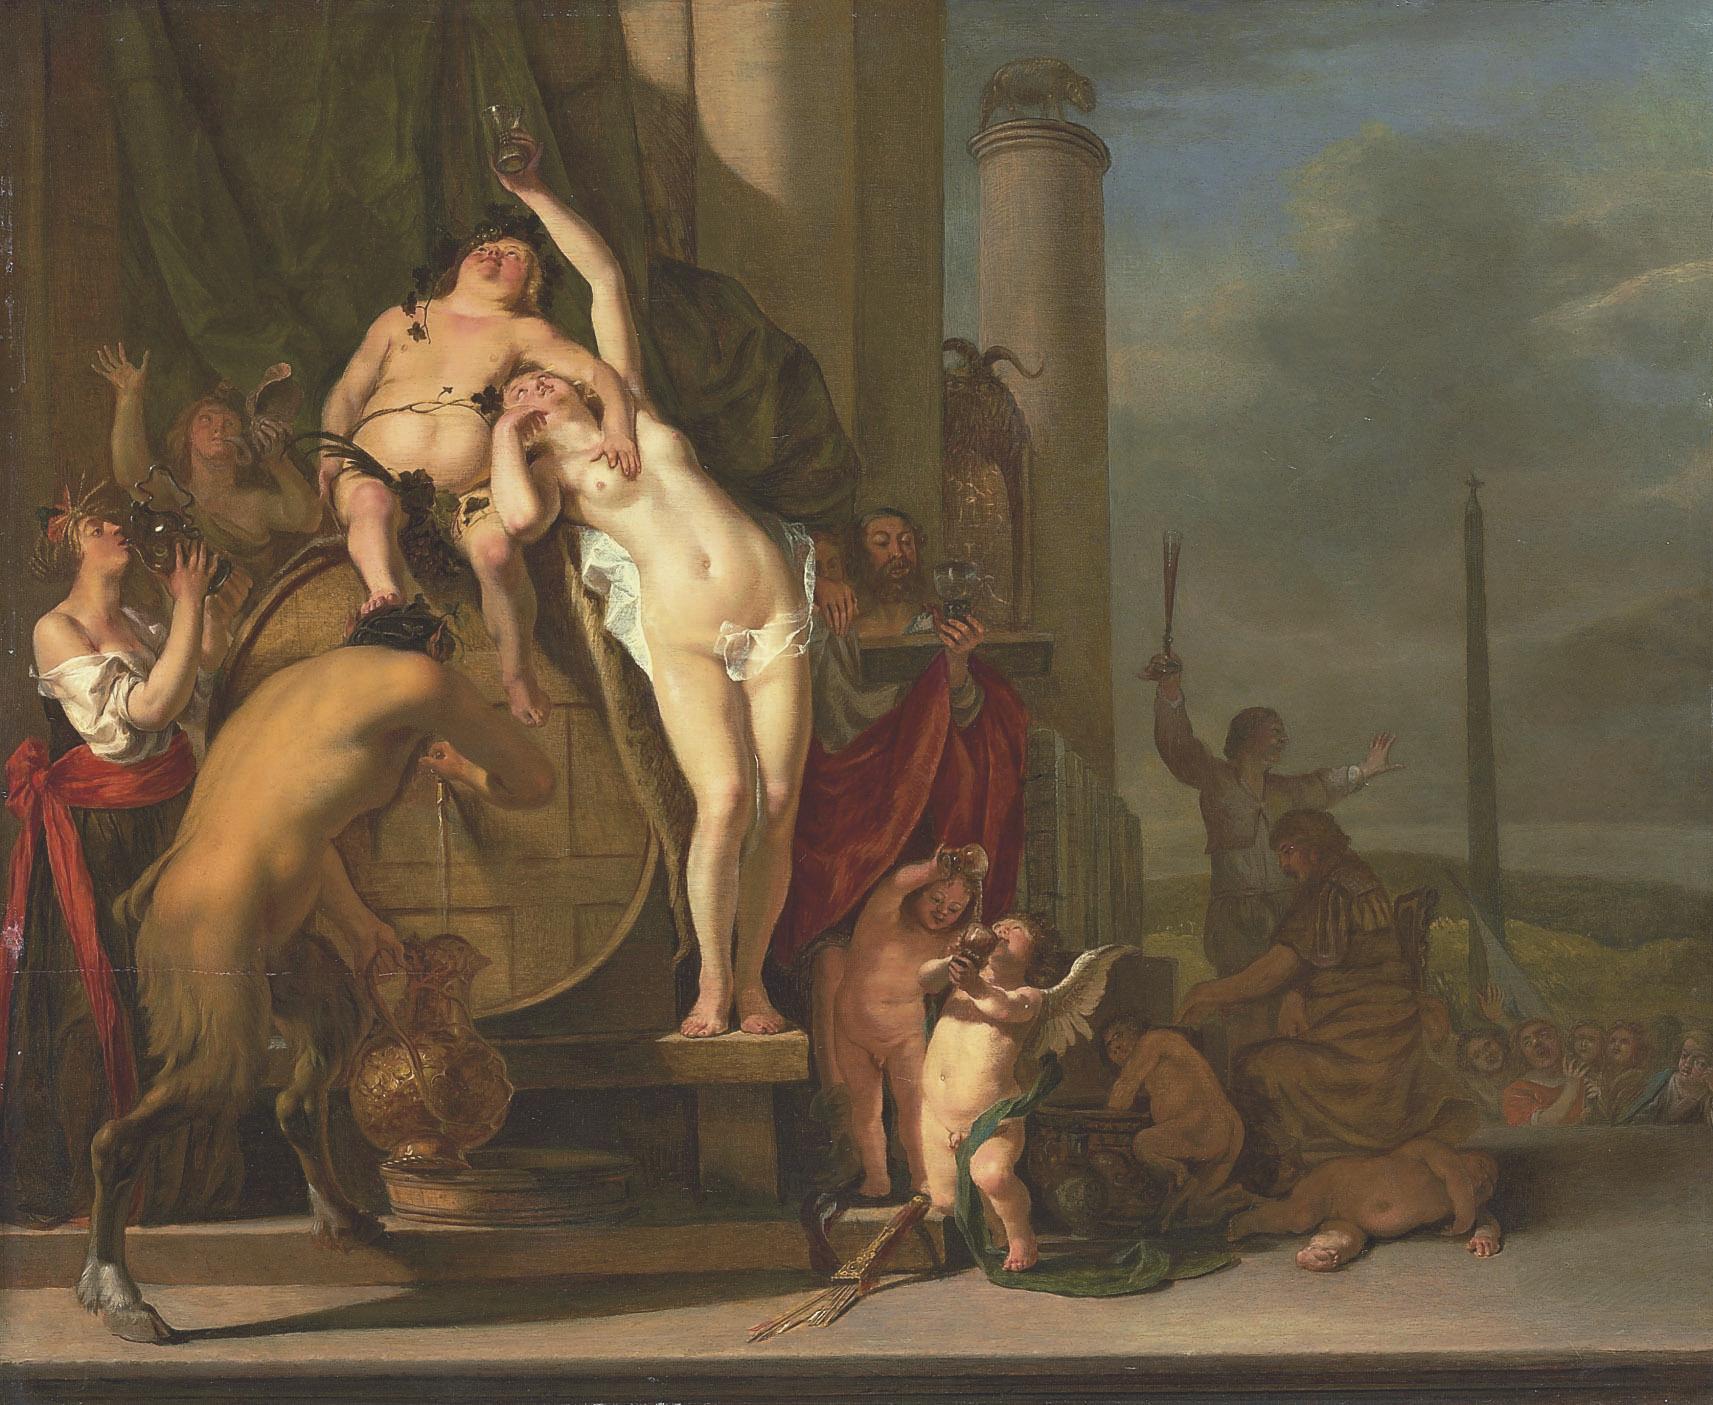 'Wine is Venus's Milk'